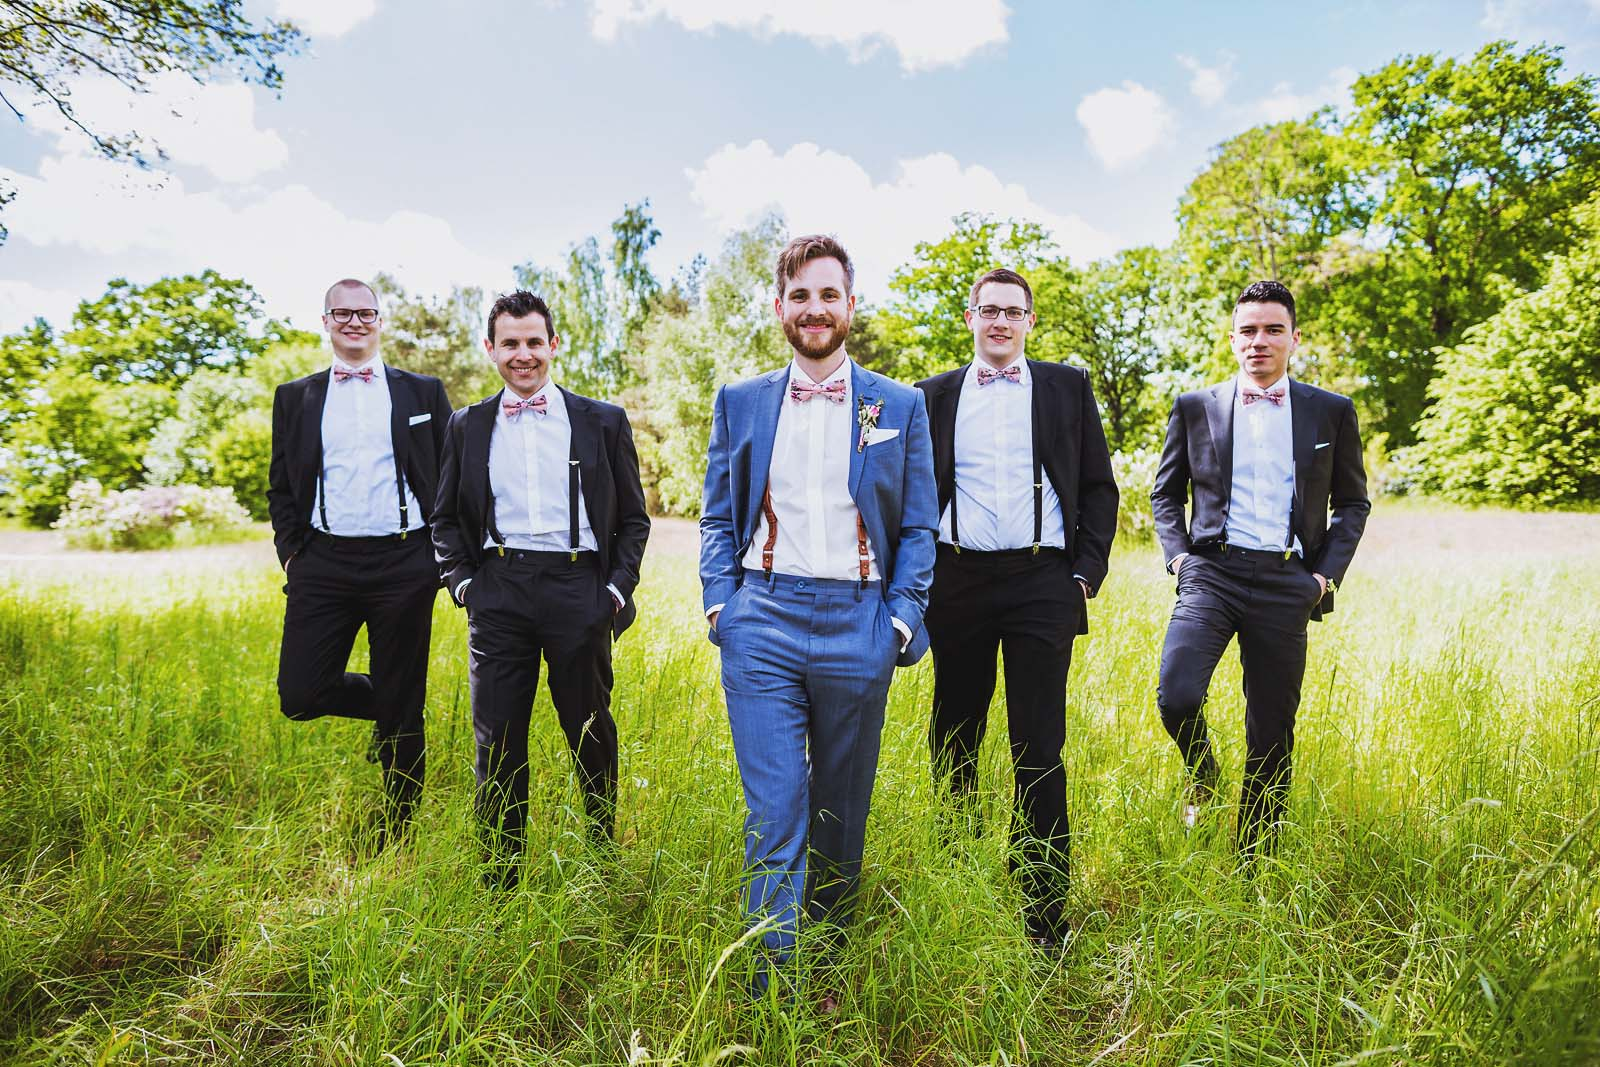 Best Men und Braeutigam Hochzeitsfotograf erstellt Gruppenfoto Copyright by Hochzeitsfotograf www.berliner-hochzeitsfotografie.de